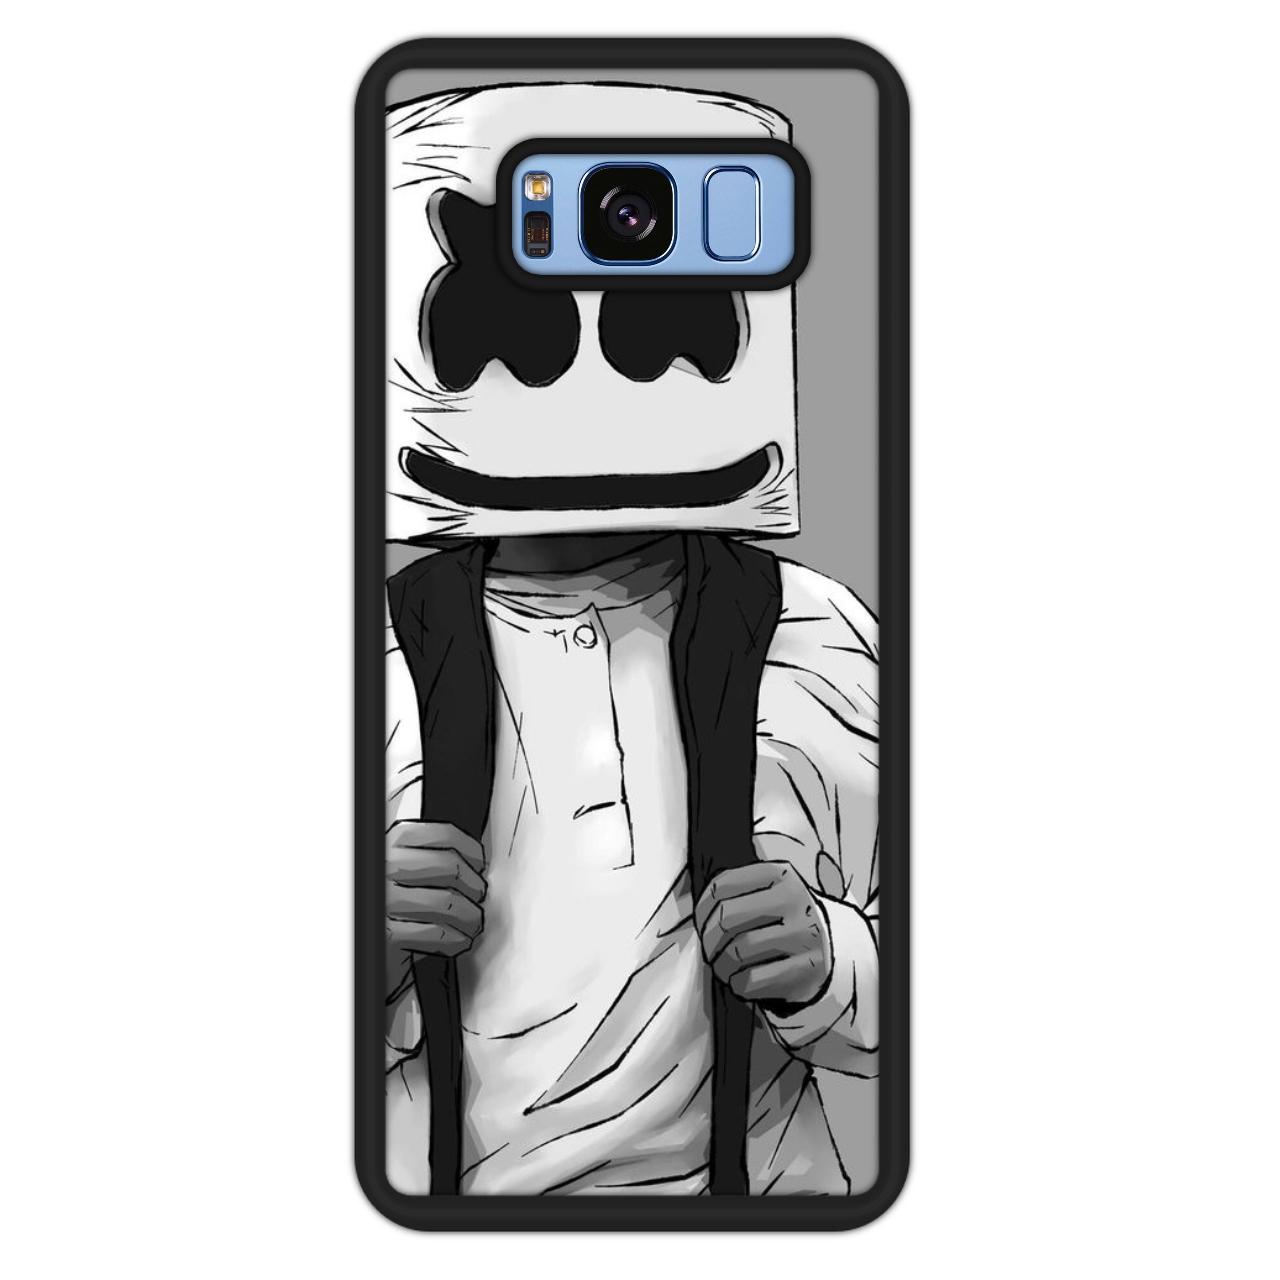 کاور مدل AS80502 مناسب برای گوشی موبایل سامسونگ Galaxy S8